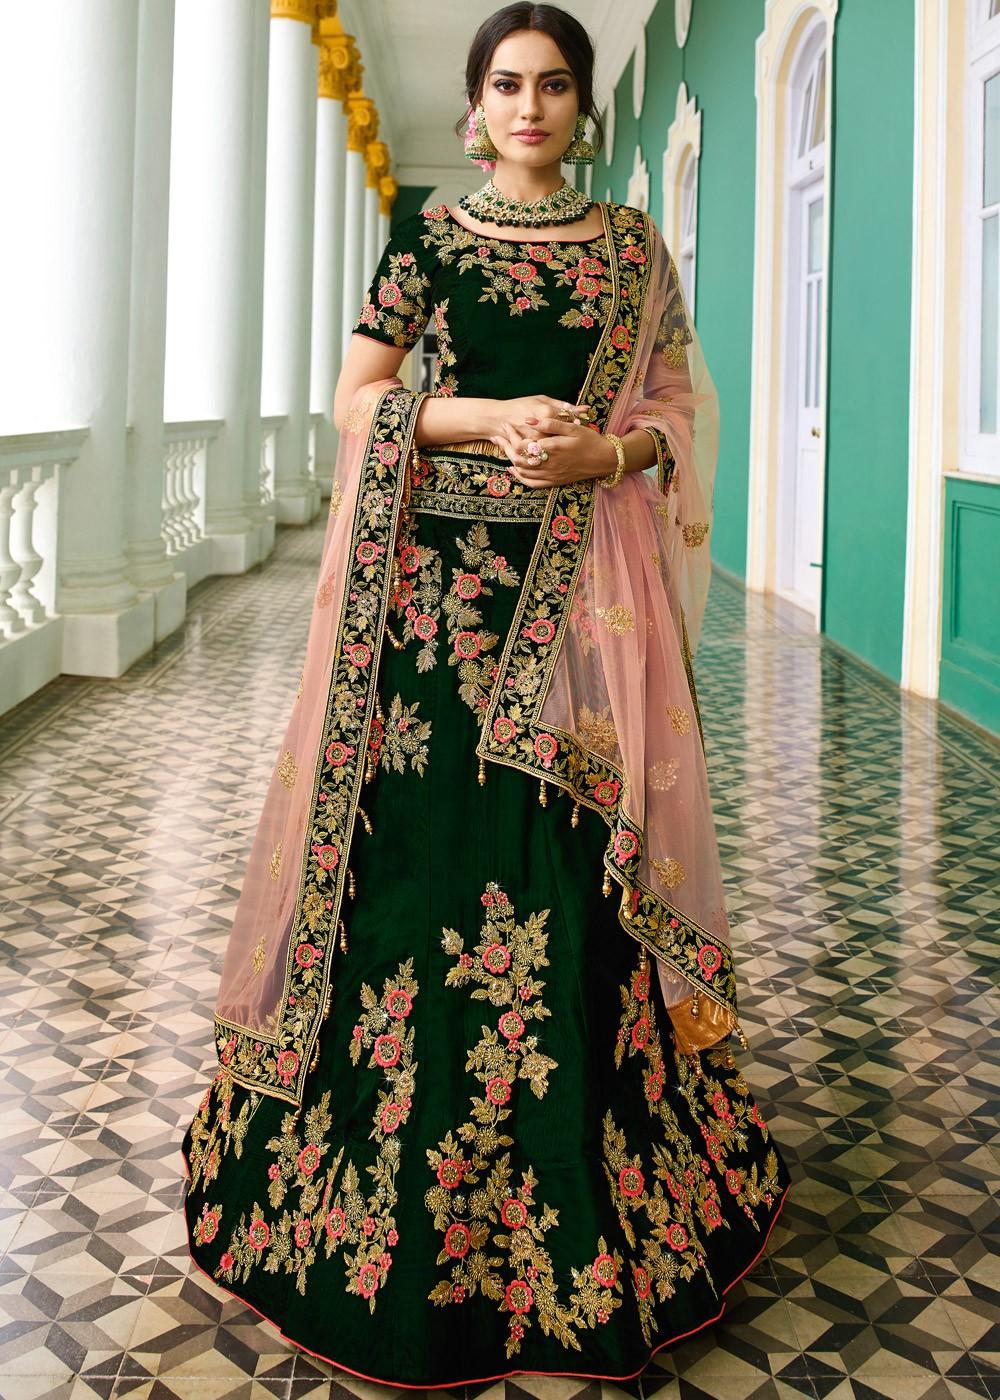 Surbhi Jyoti Dark Green Lehenga Choli Lehenga 1758LG05